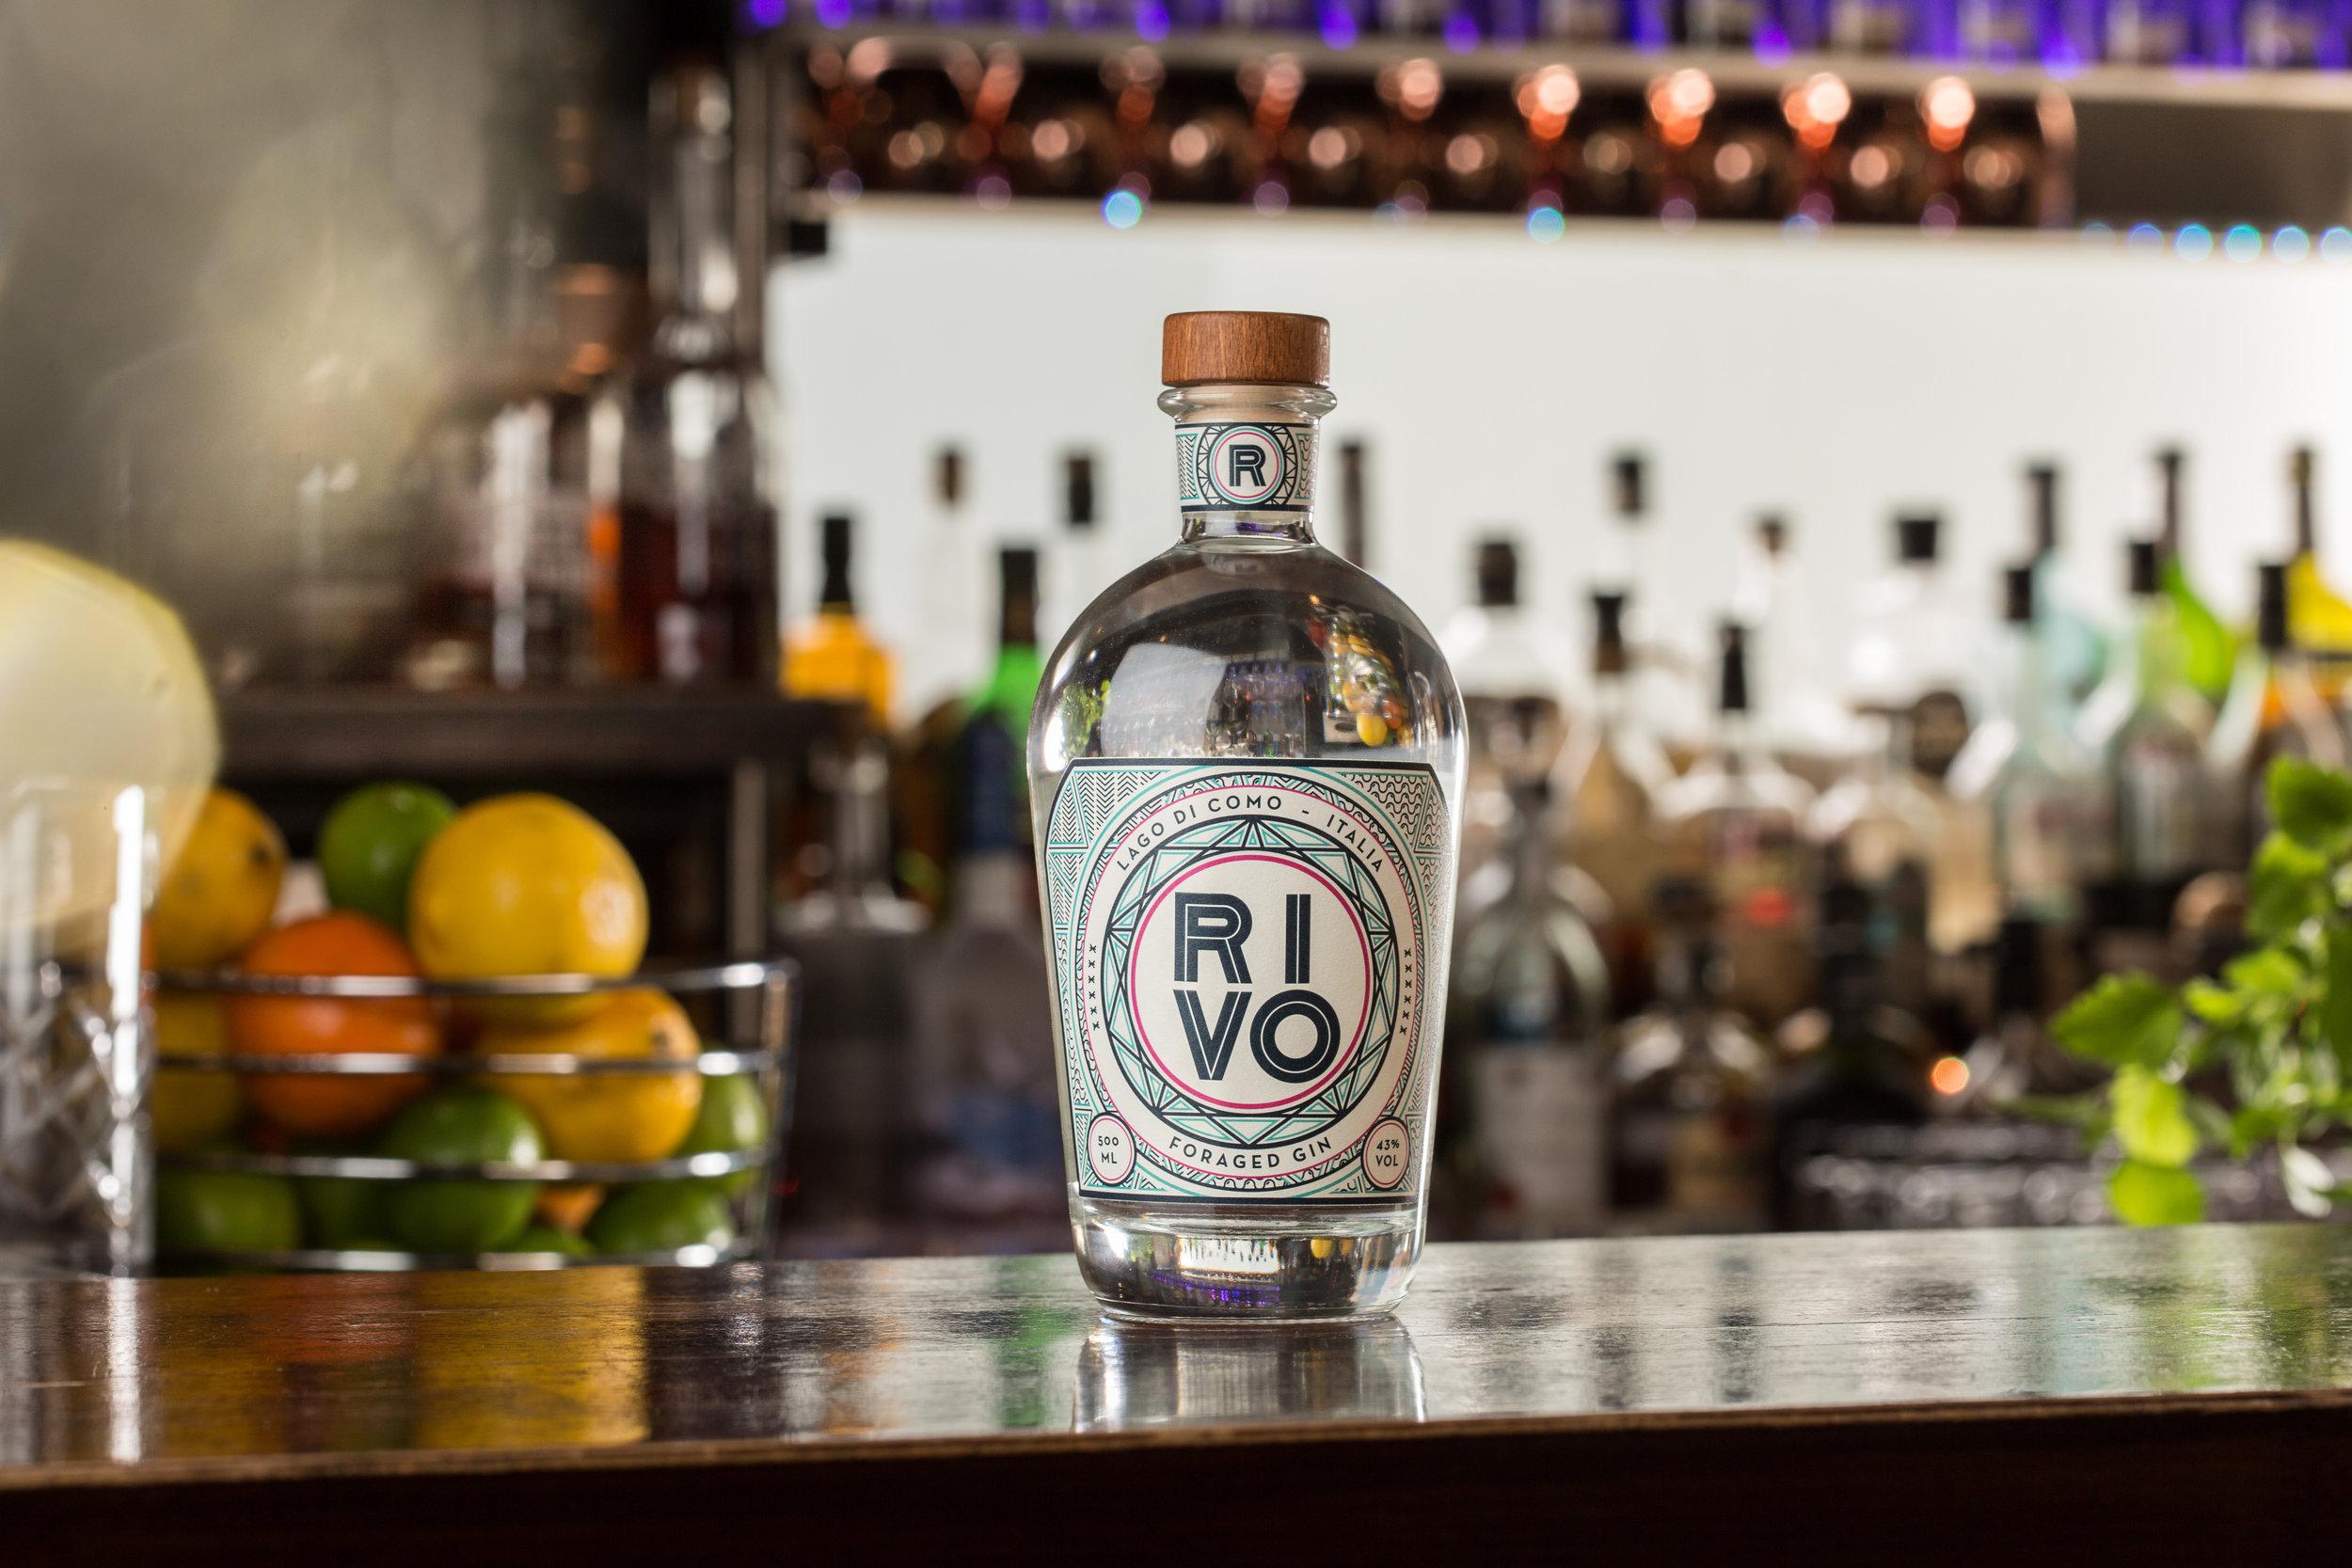 la bottiglia di gin rivo